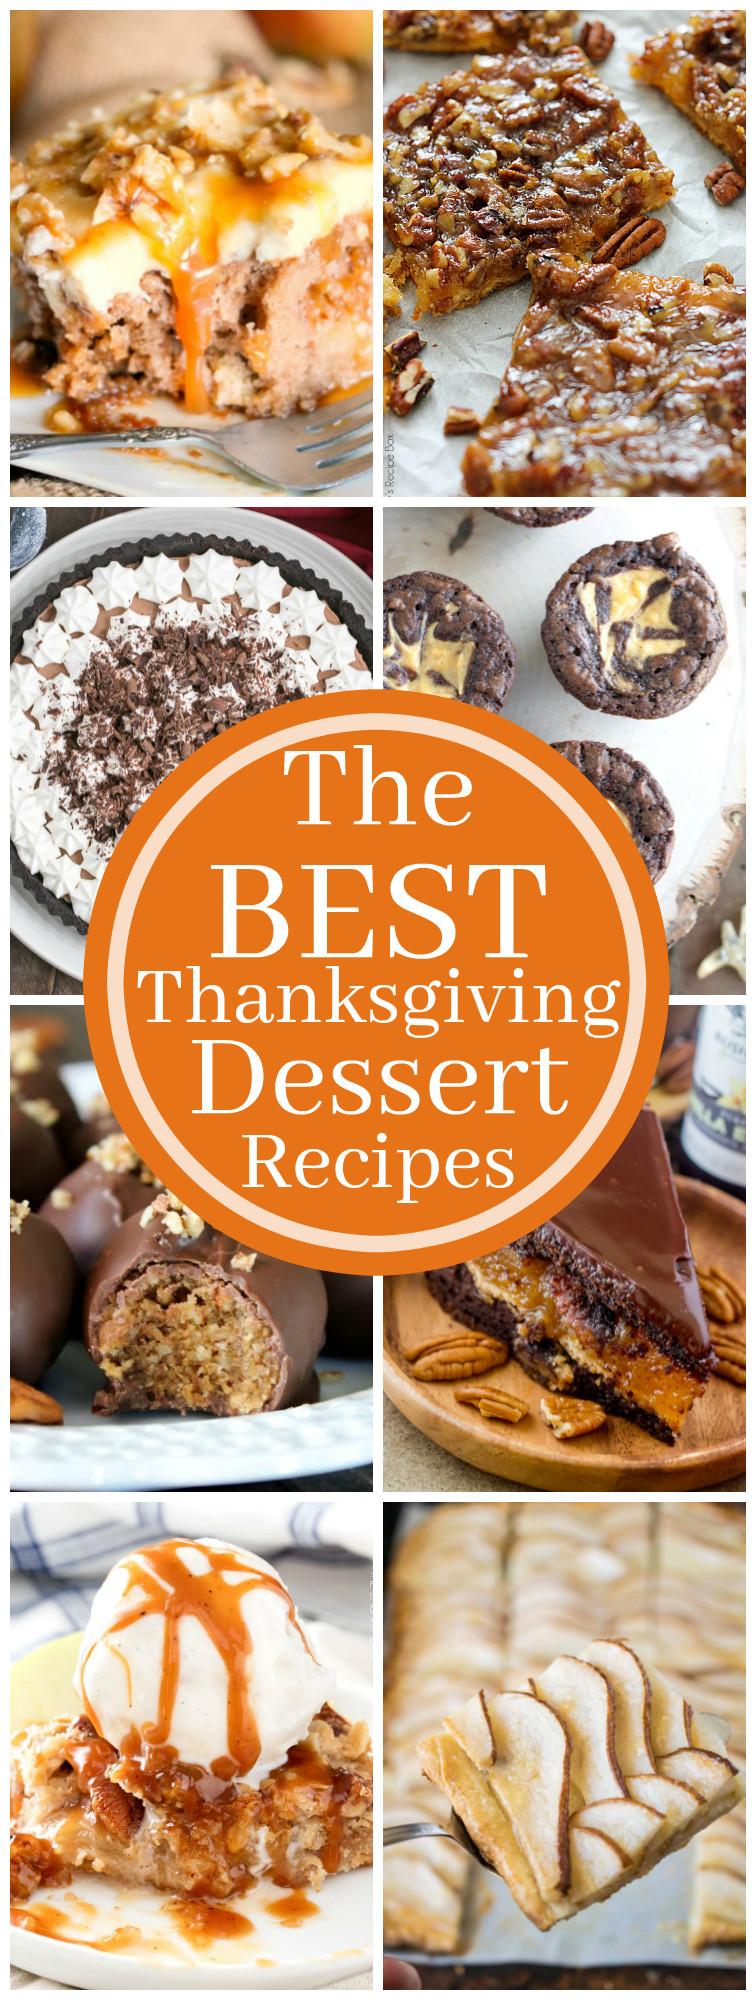 Pinterest Thanksgiving Desserts  Best Thanksgiving Dessert Recipes Kleinworth & Co